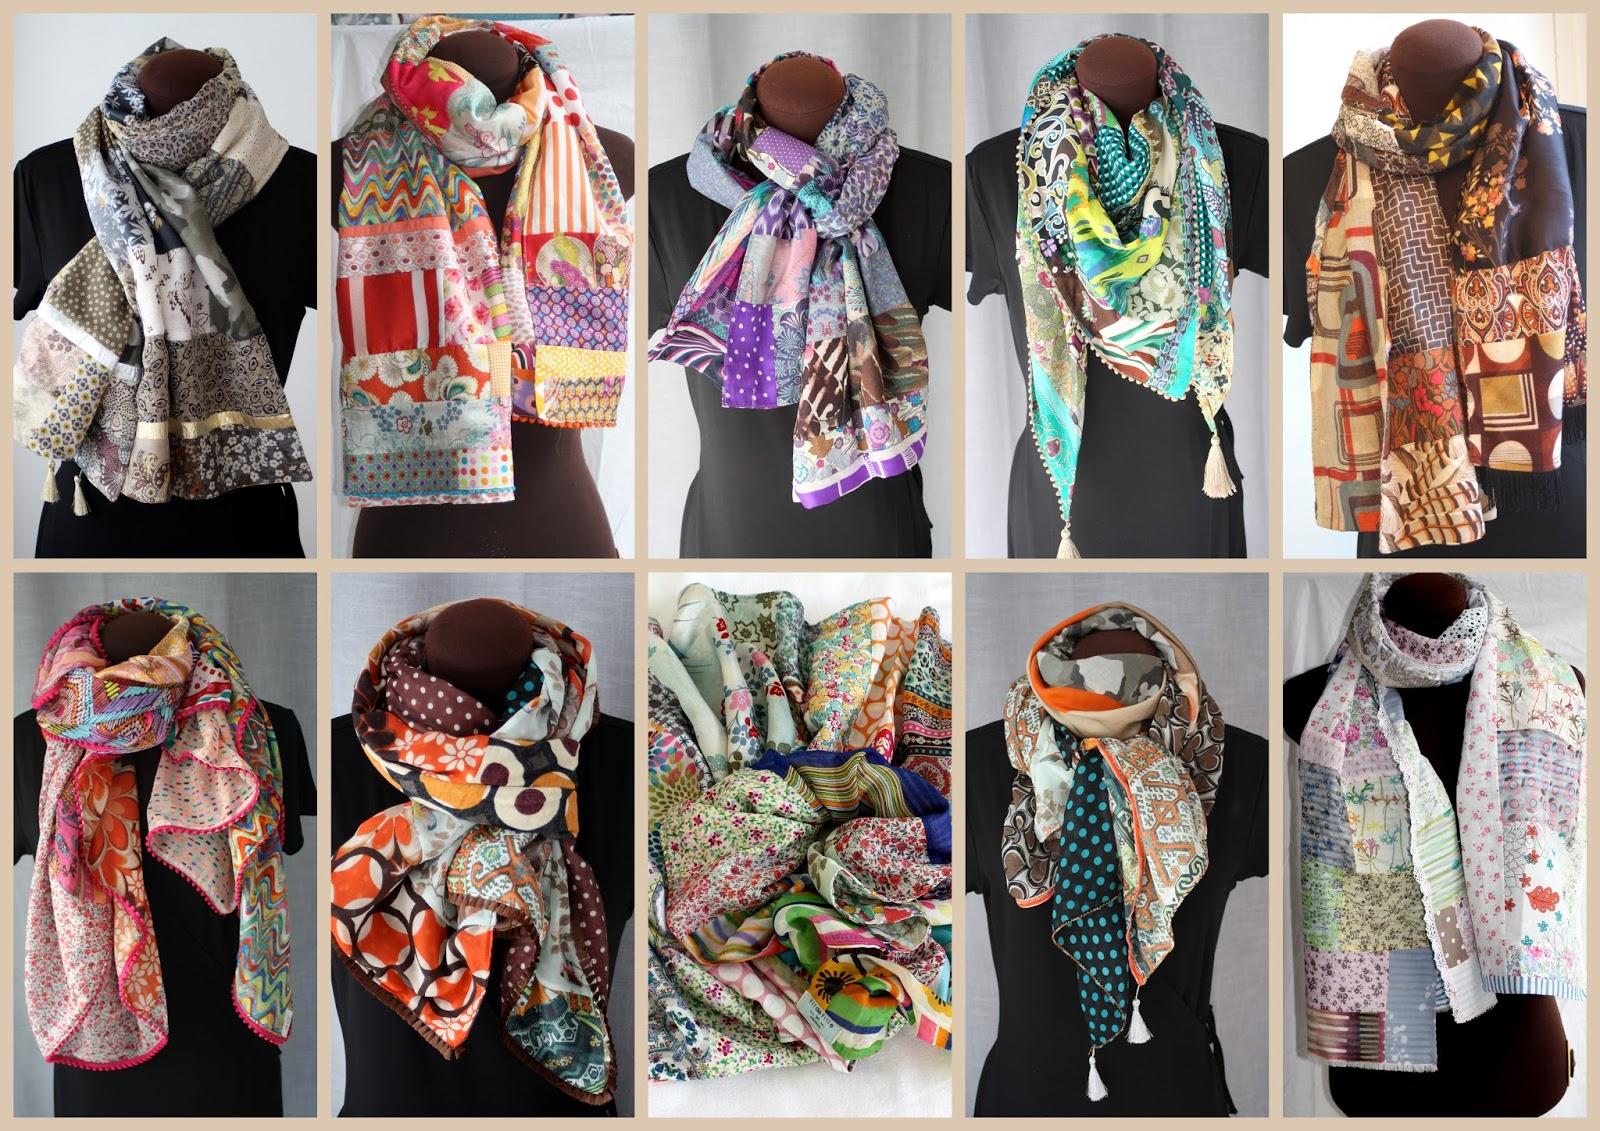 soie, voile de coton, tissus vintage ou recyclés, coloris pétants ou  camaïeux subtils, écharpes, carrés ou pointes ... chaque modèle est unique. c5d9431a12a